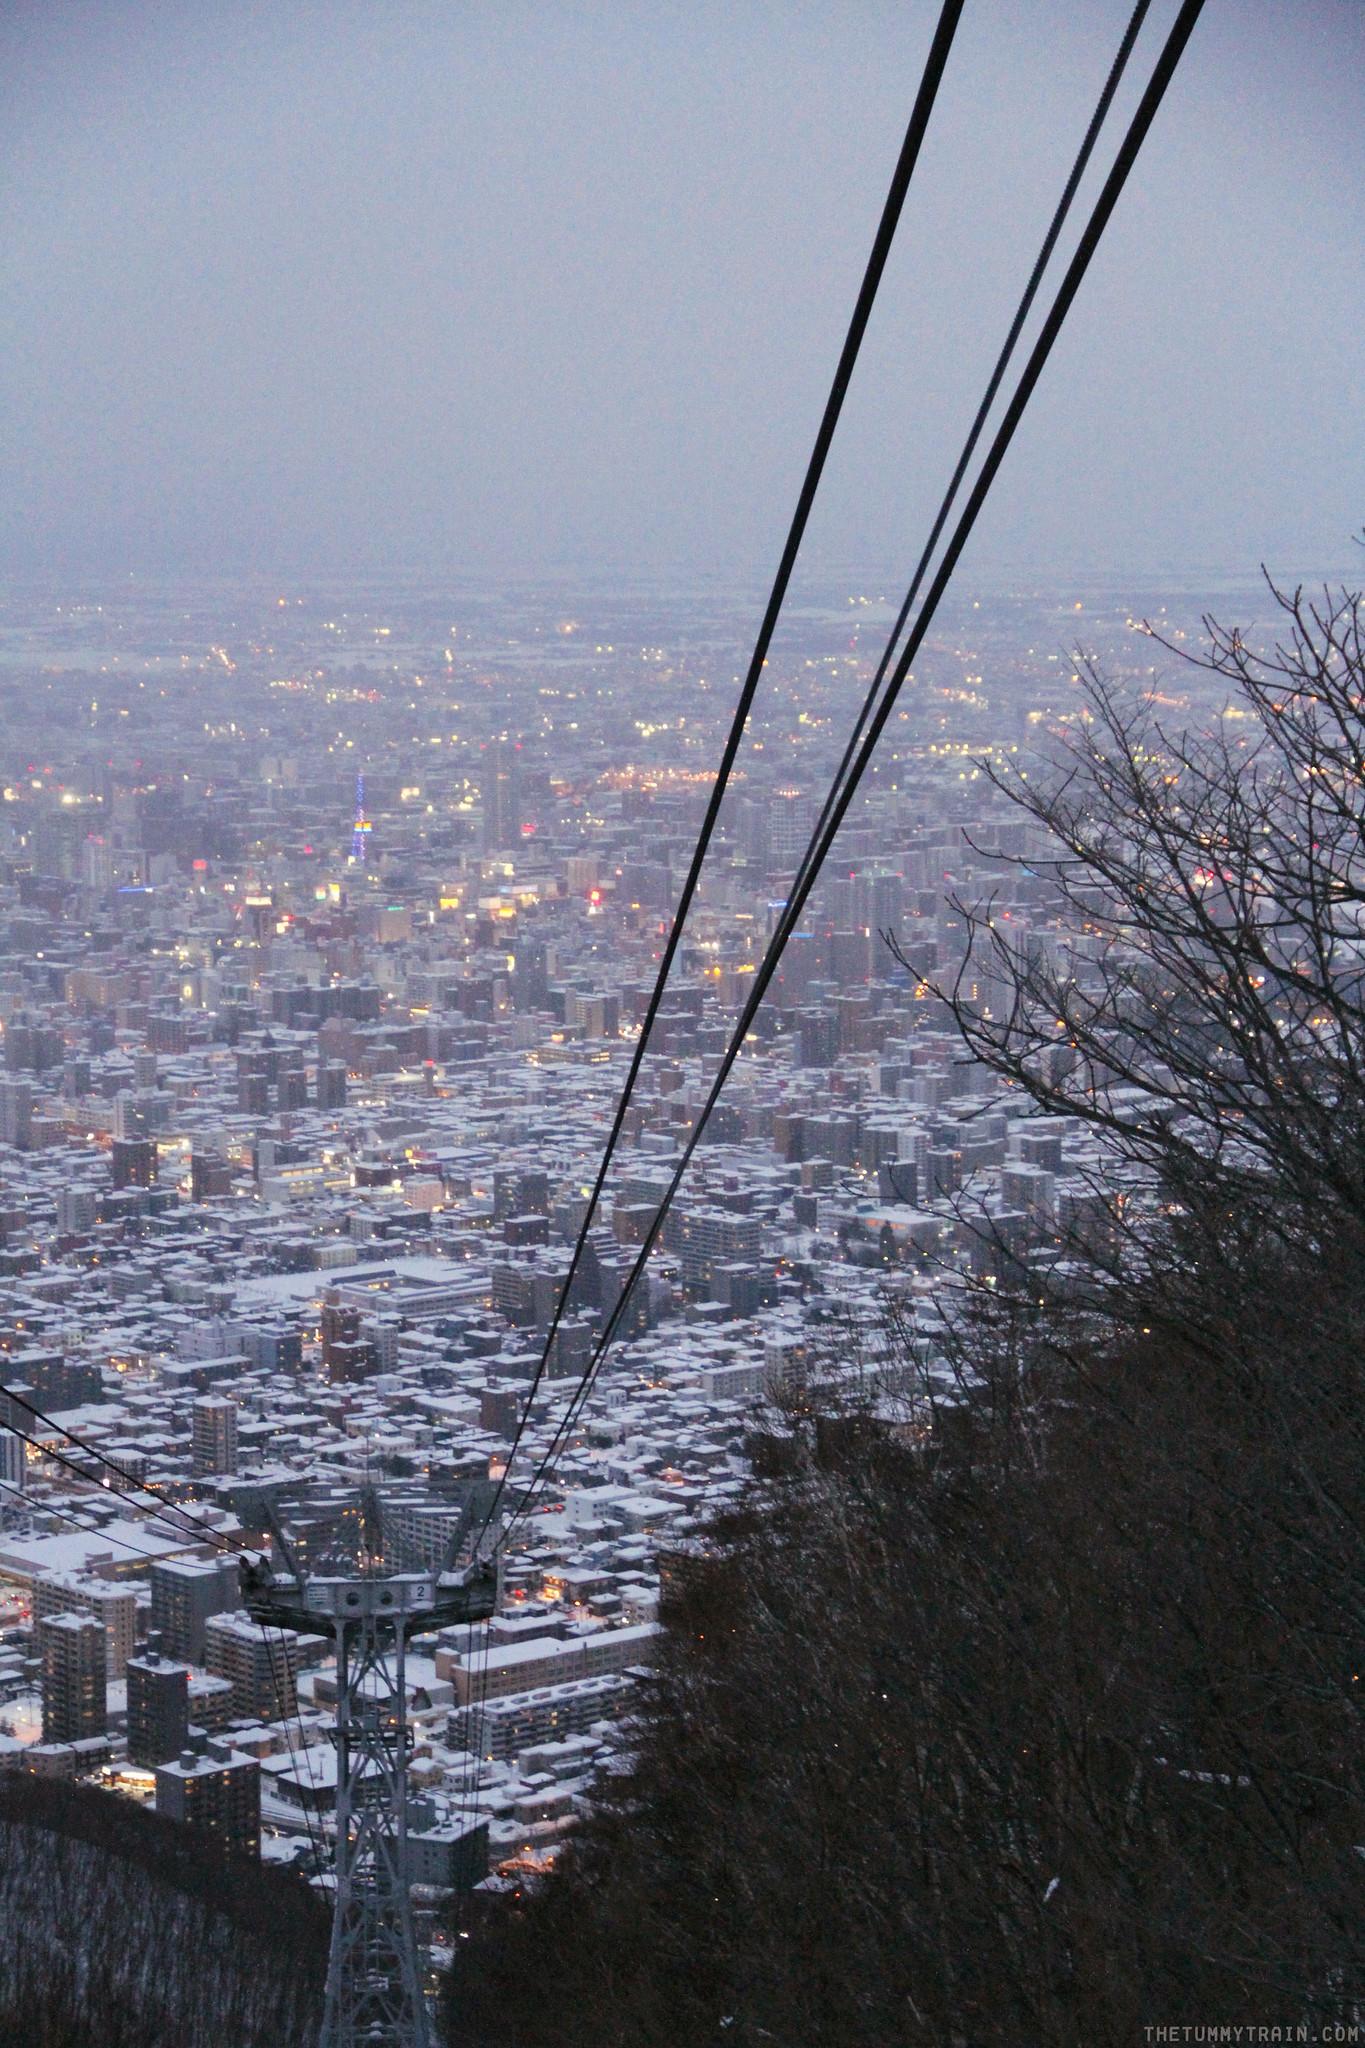 32762944662 e64a7d9e91 k - Sapporo Snow And Smile: 8 Unforgettable Winter Experiences in Sapporo City